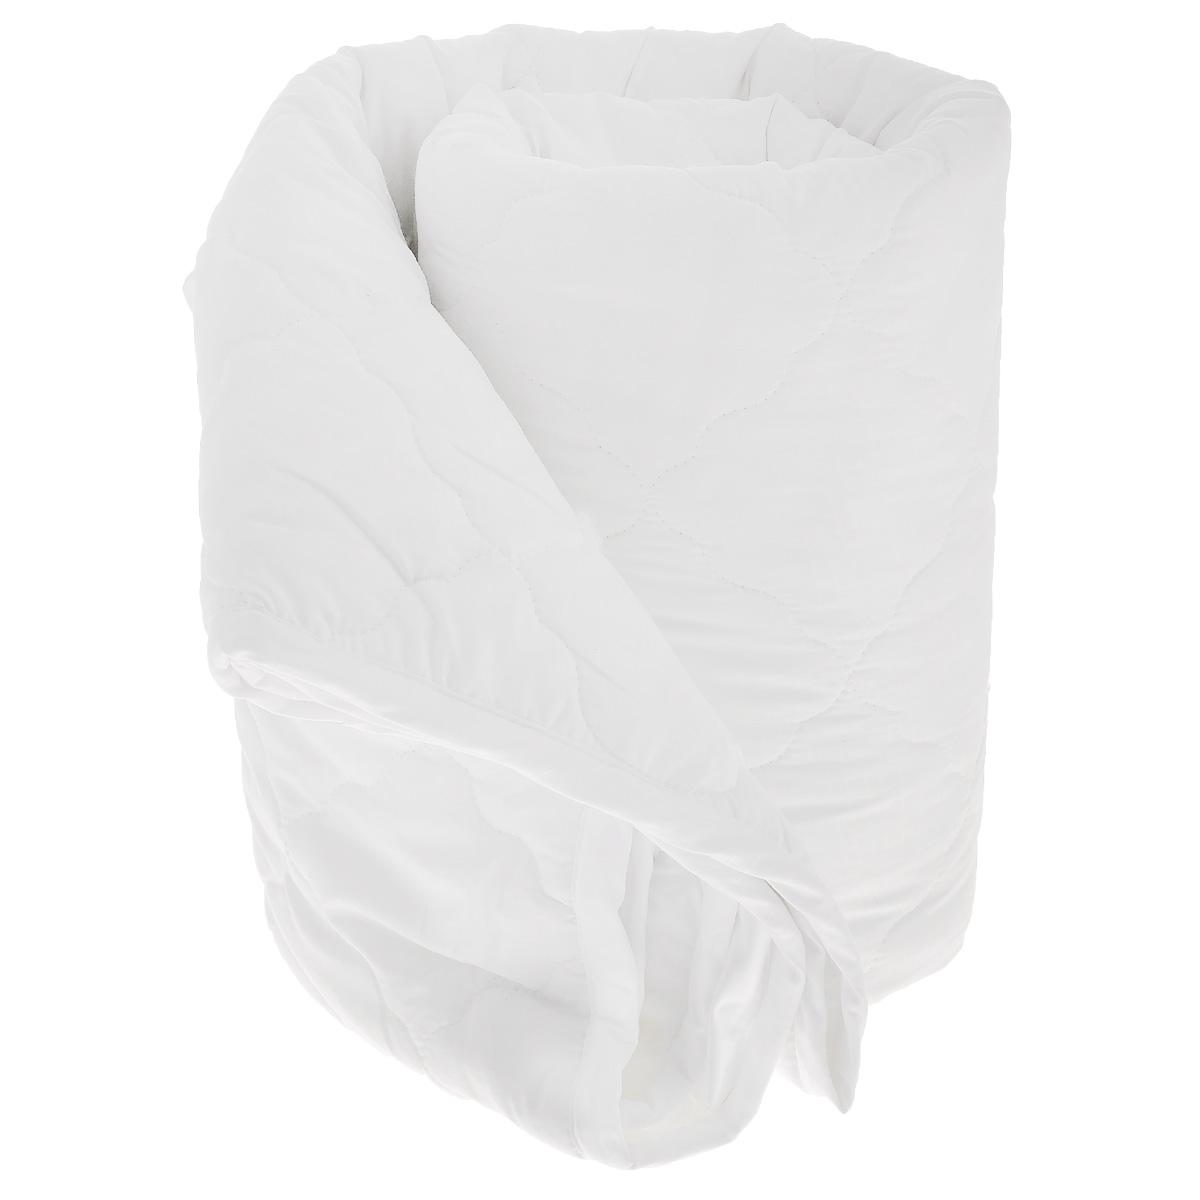 Одеяло La Prima В нежности микрофибры, наполнитель: полиэфирное волокно, цвет: белый, 140 х 205 смCLP446Одеяло La Prima В нежности микрофибры очень легкое, воздушное и одновременно теплое. Идеально подойдет тем, кто ценит мягкость и тепло. Такое изделие подарит комфортный сон. Благодаря особой структуре микроволокна, изделие приобретают дополнительную мягкость и надолго сохраняют свой первоначальный вид. Чехол одеяла выполнен из шелковистой микрофибры, оформленной изящным фактурным теснением под кожу рептилий. Наполнитель - полиэфирное волокно - холлотек. Изделие обладает высокой воздухопроницаемостью, прекрасно сохраняет тепло. Оно гипоаллергенно, очень практично и неприхотливо в уходе. Ручная стирка при температуре 30°С. Материал чехла: 100% полиэстер - микрофибра.Наполнитель: полиэфирное волокно - холлотек. Размер: 140 см х 205 см.